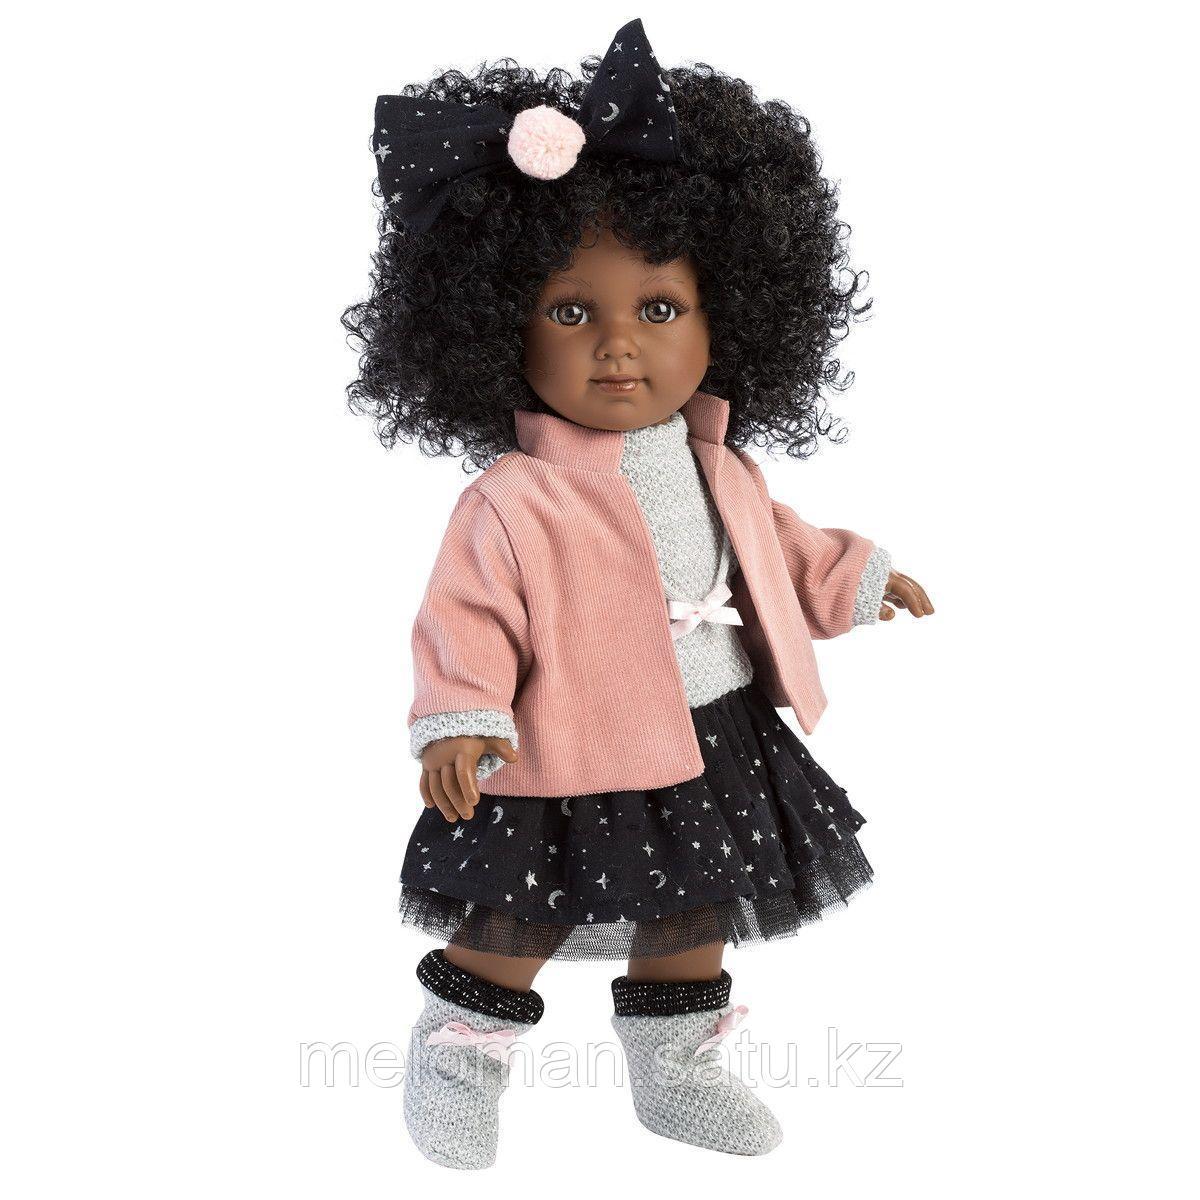 LLORENS: Кукла Зури 35см, мулатка в розовом жакете и черной кружевной юбке - фото 2